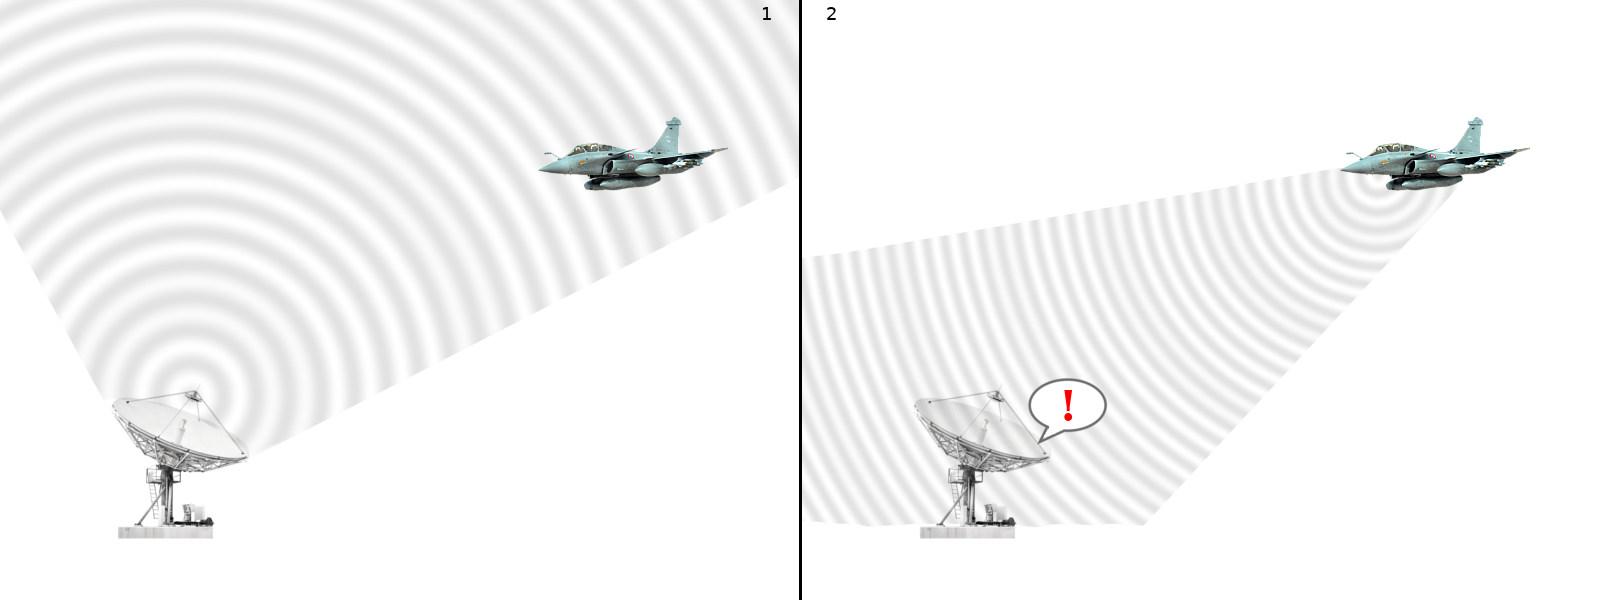 Как работает стелс-режим на самолетах?